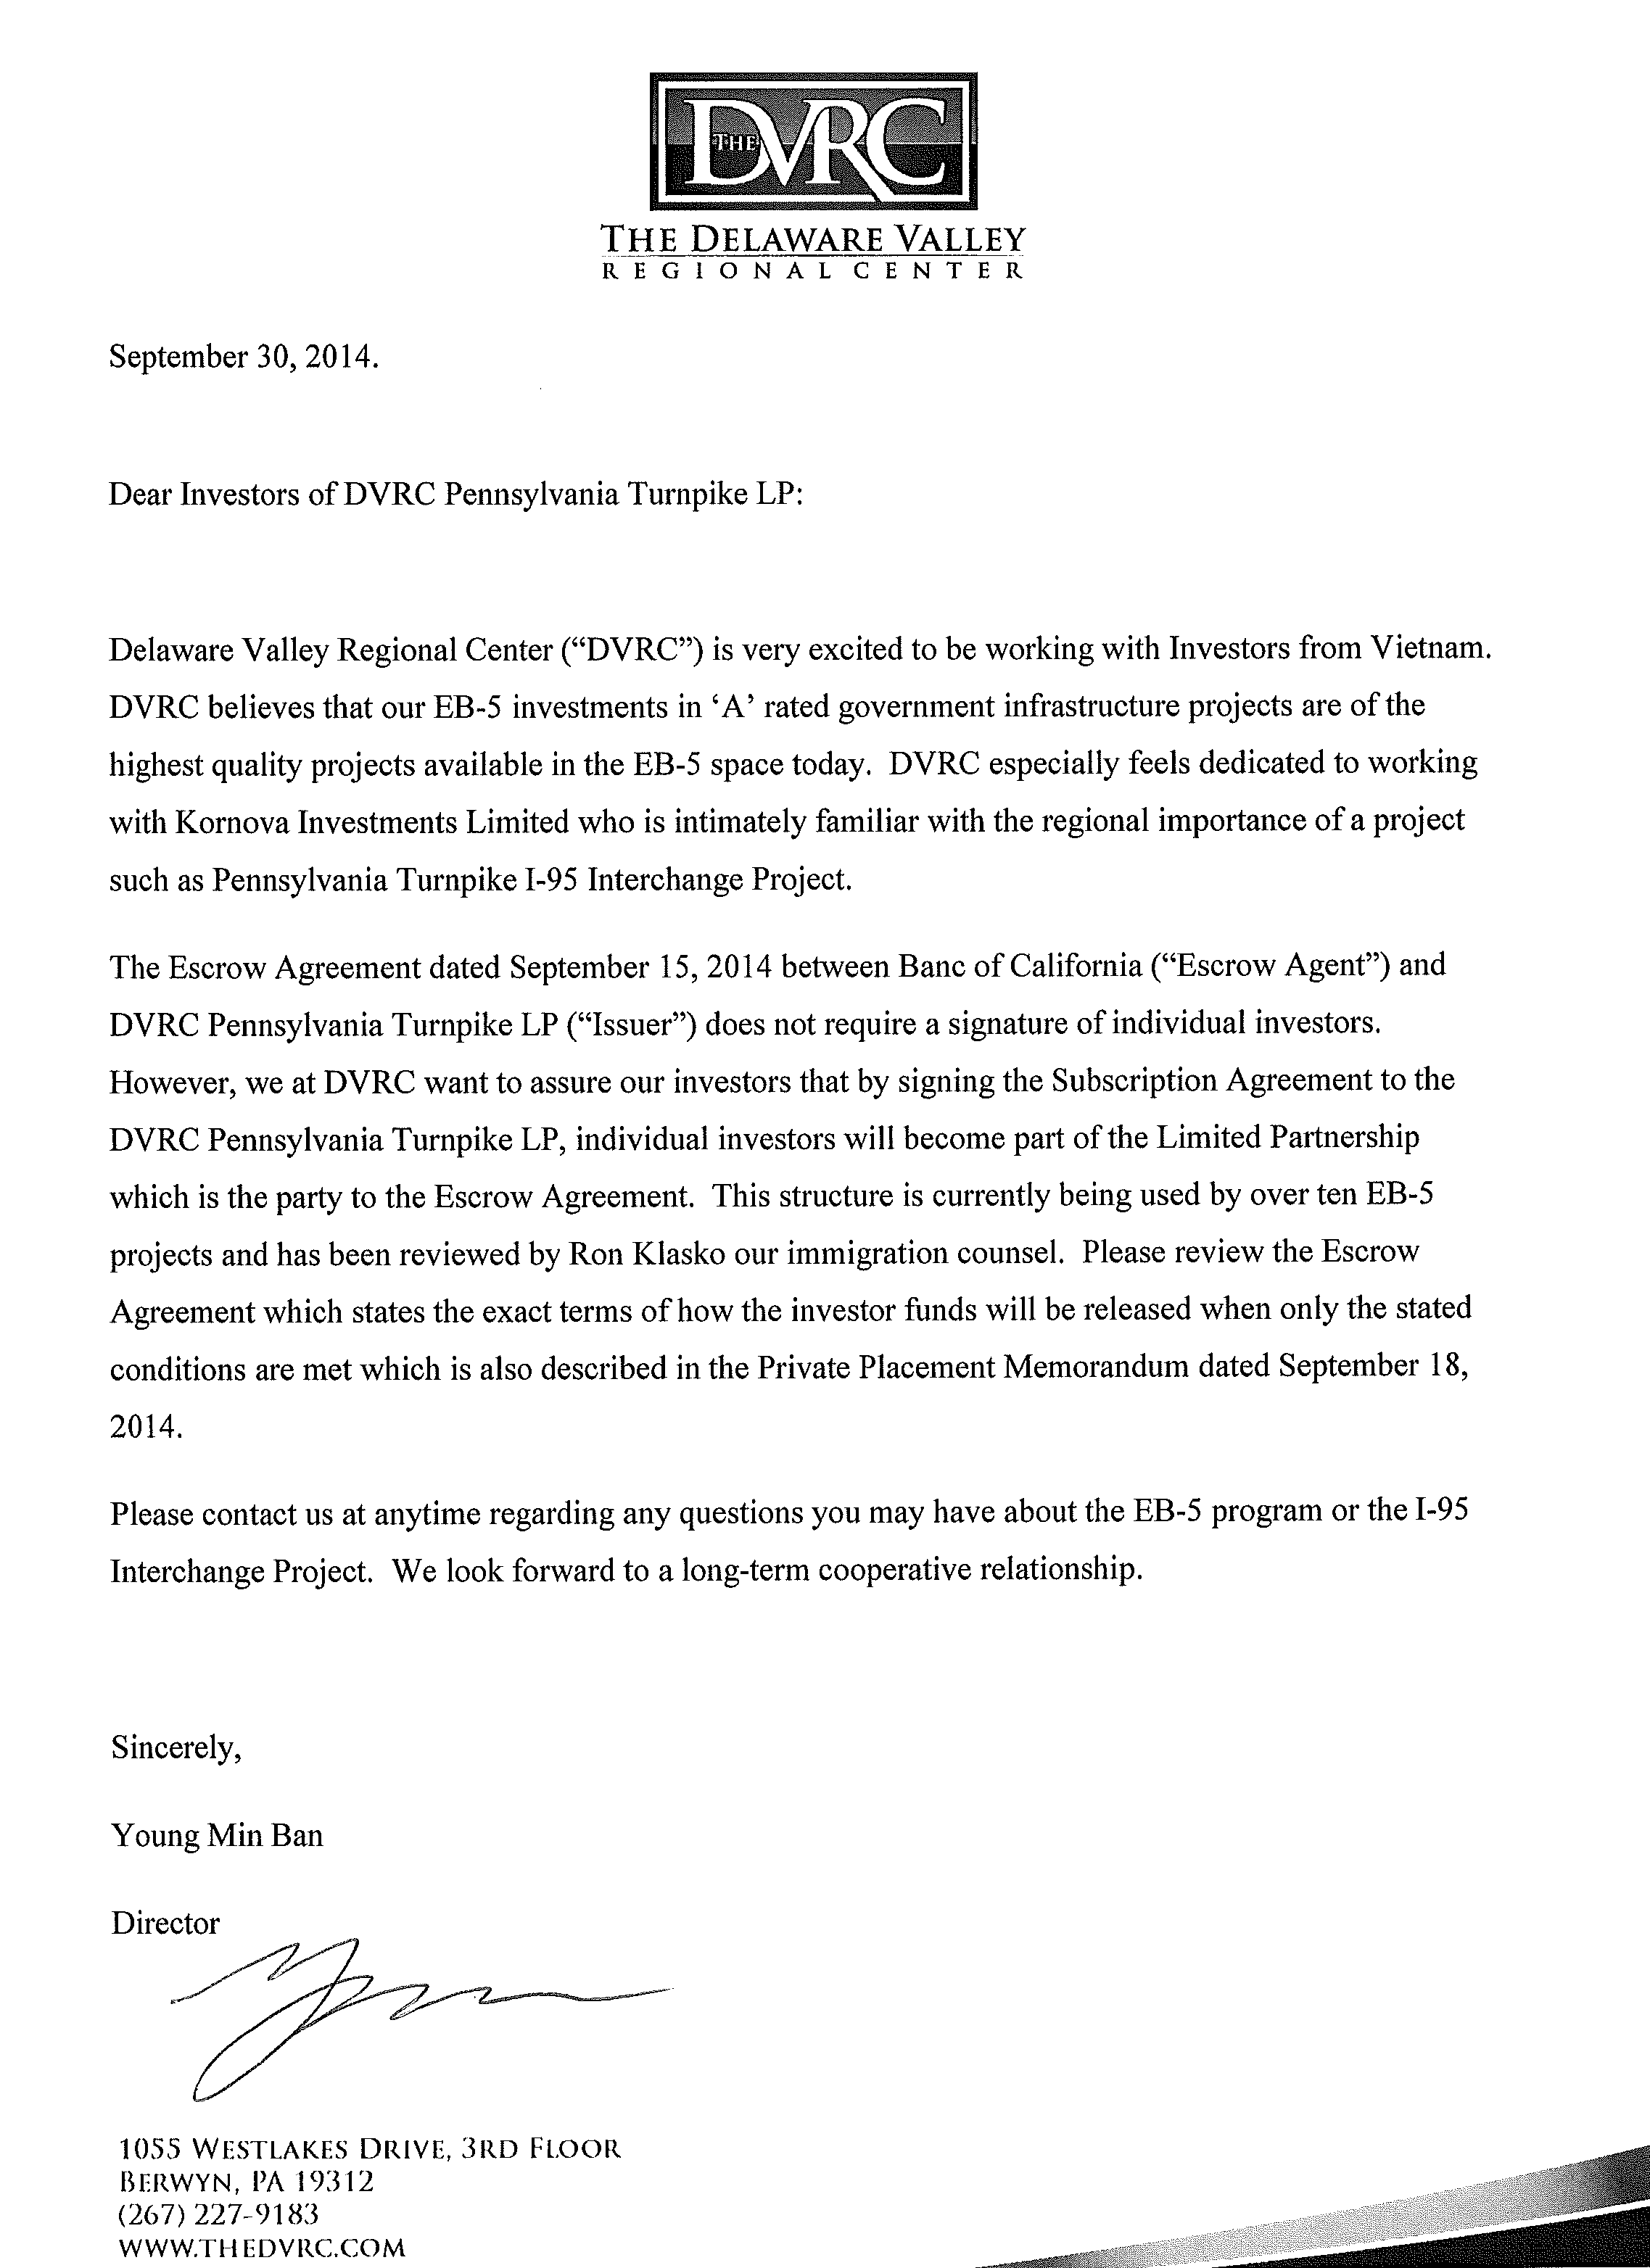 Trung Tâm Khu Vực DVRC Đánh Giá Cao Kinh Nghiệm & Uy Tín Kornova Trong Phát Triển Dự Án Hệ Thống Cao Tốc Liên Bang Pennsylvania